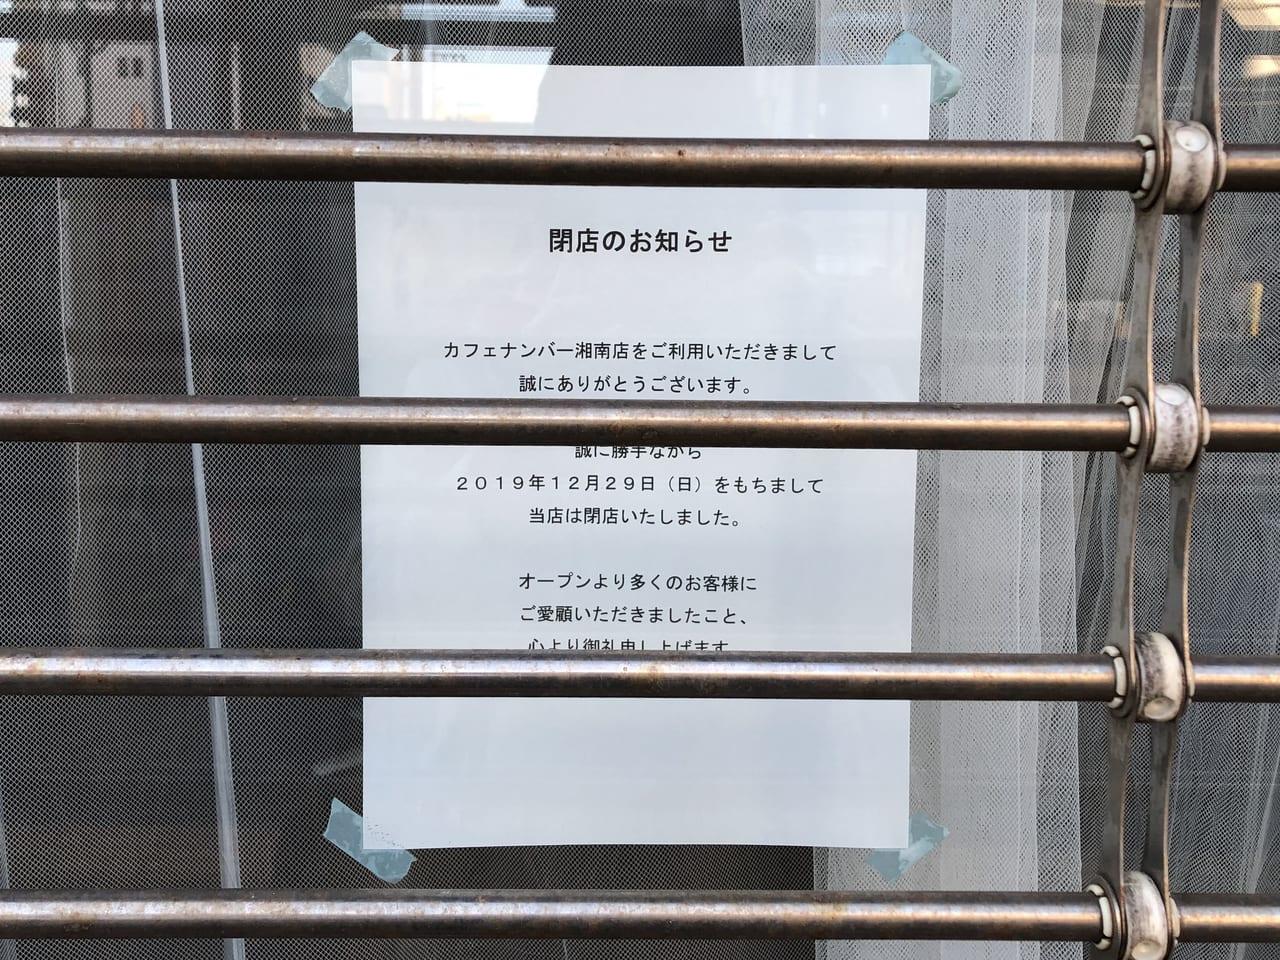 Cafe no.湘南 閉店2